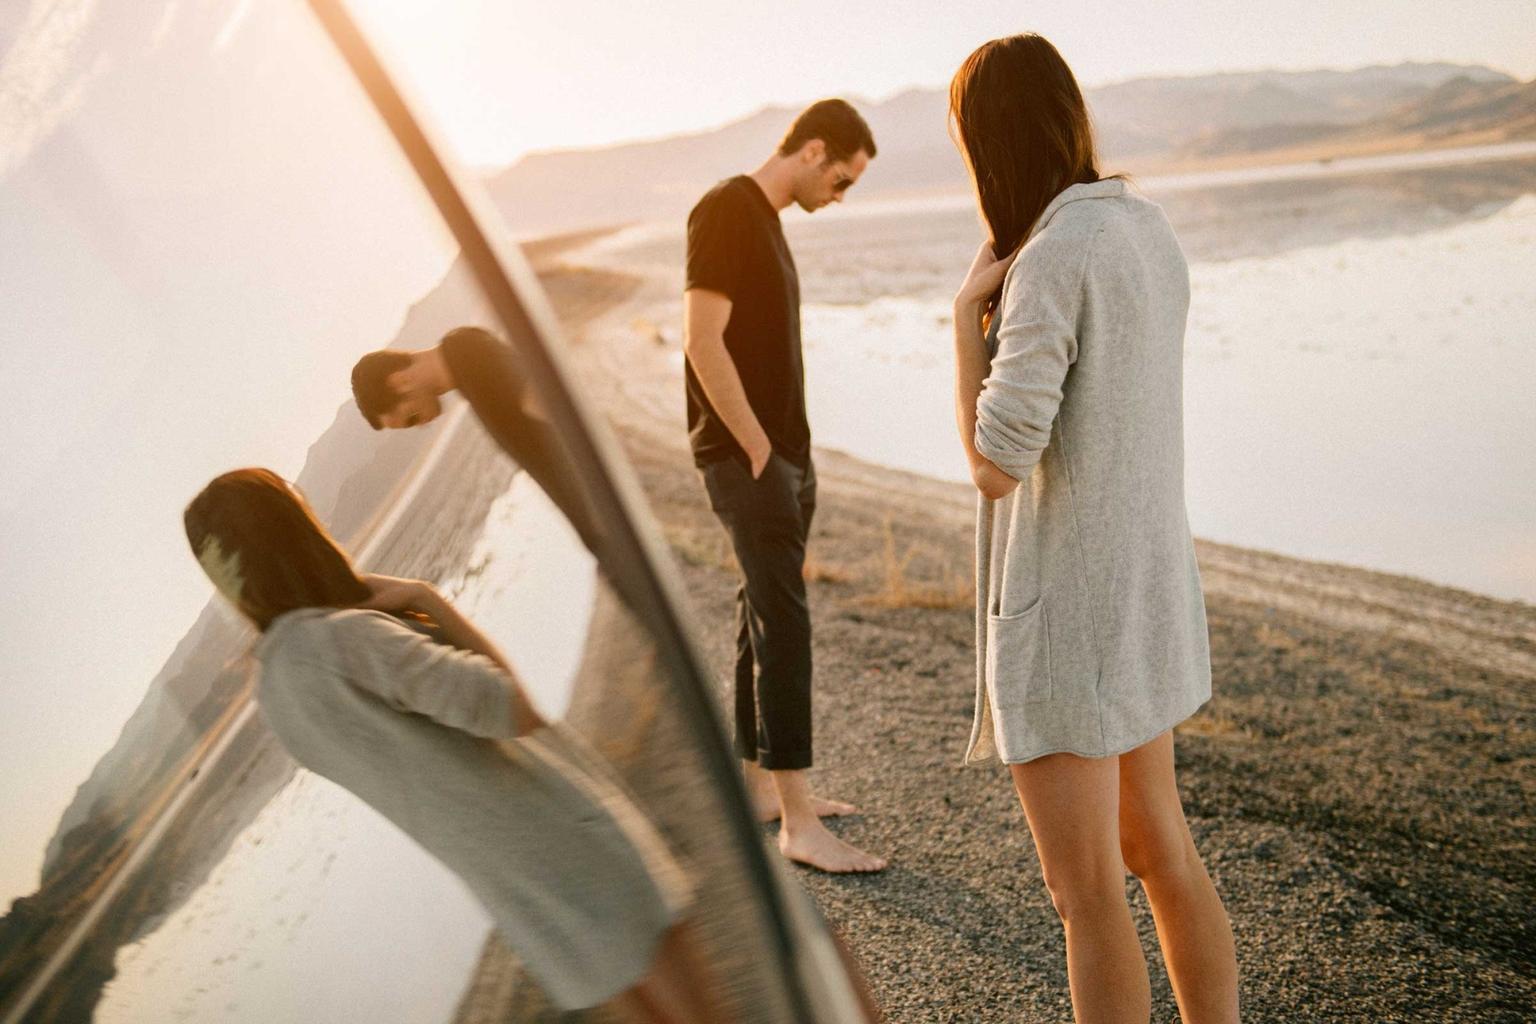 Phụ nữ hãy chấp nhận đi, đàn ông không vô tâm, chẳng qua là đã hết yêu - Ảnh 4